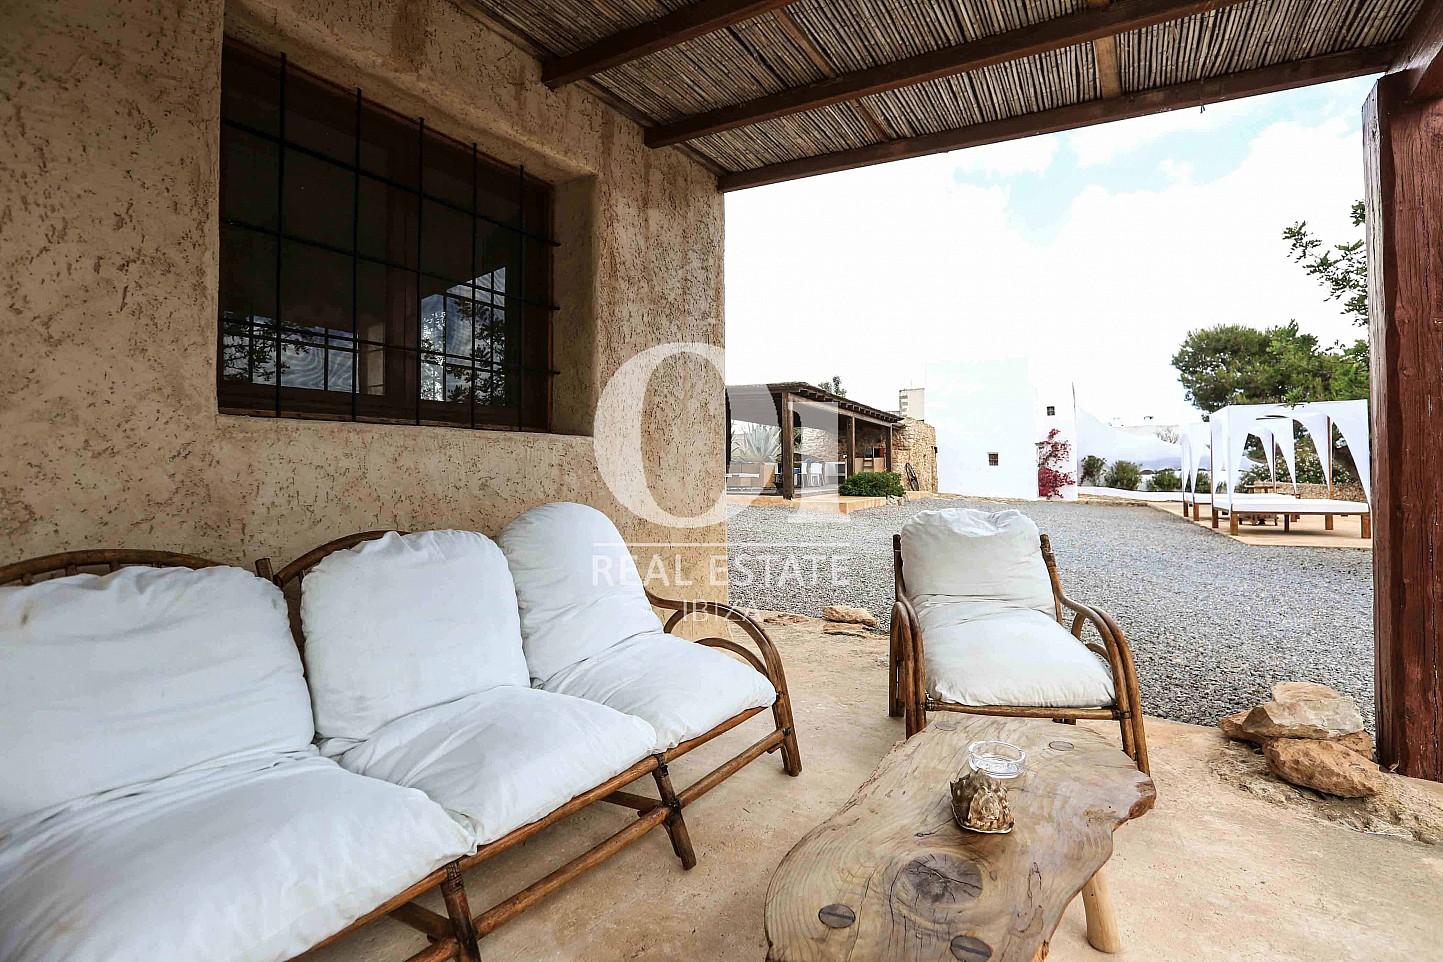 Vistas de casa en alquiler vacacional en zona Puig d'en Valls, Ibiza